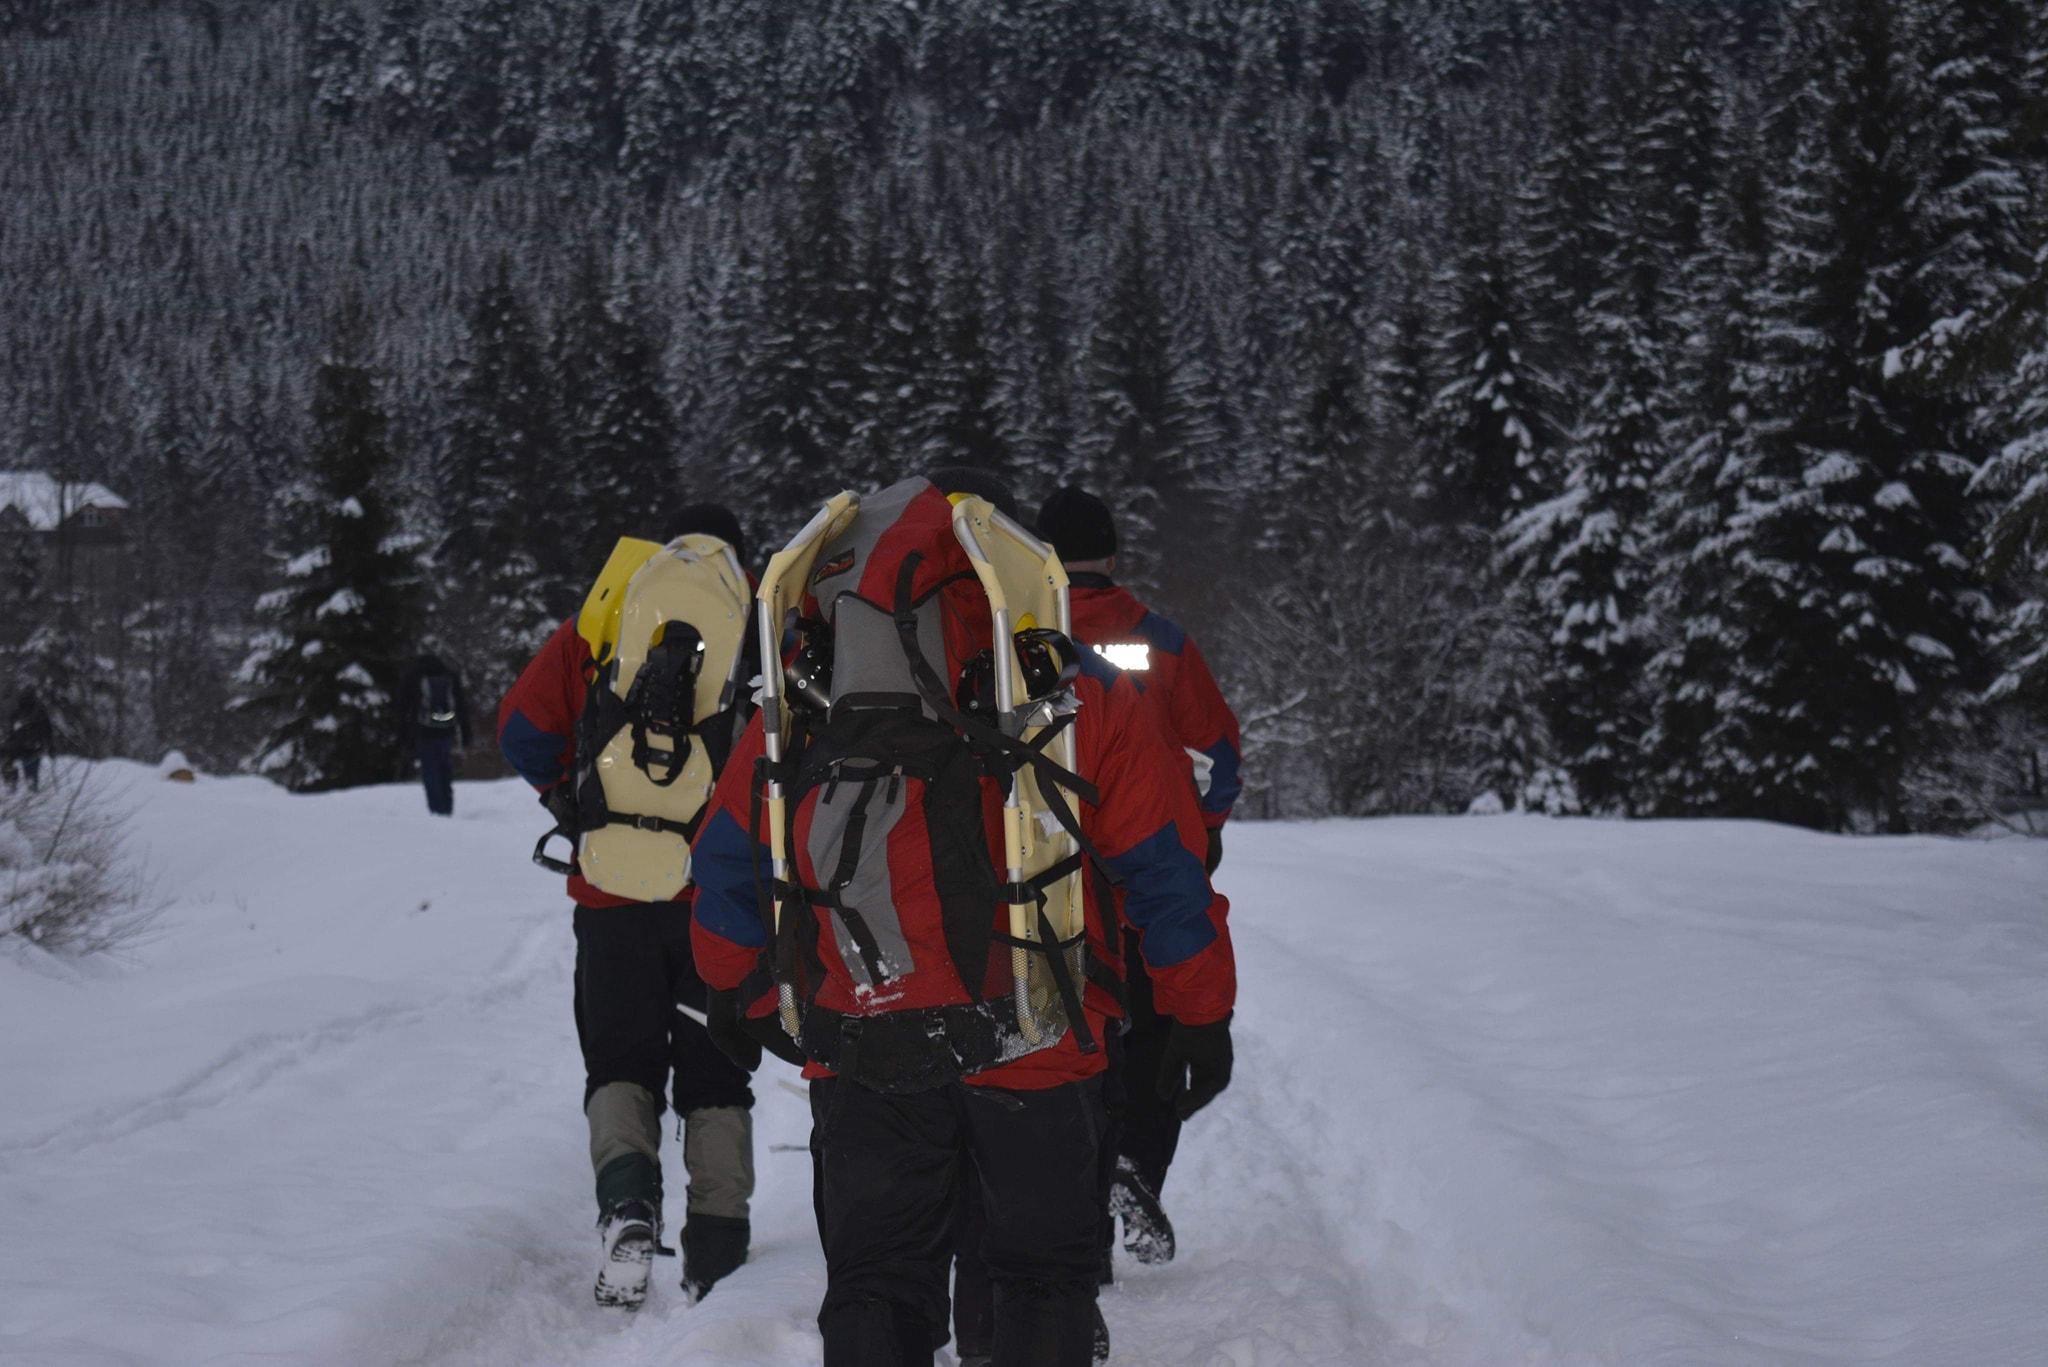 Закарпатські рятувальники знайшли туристів із Одеси, які потребували допомоги в райони Говерли